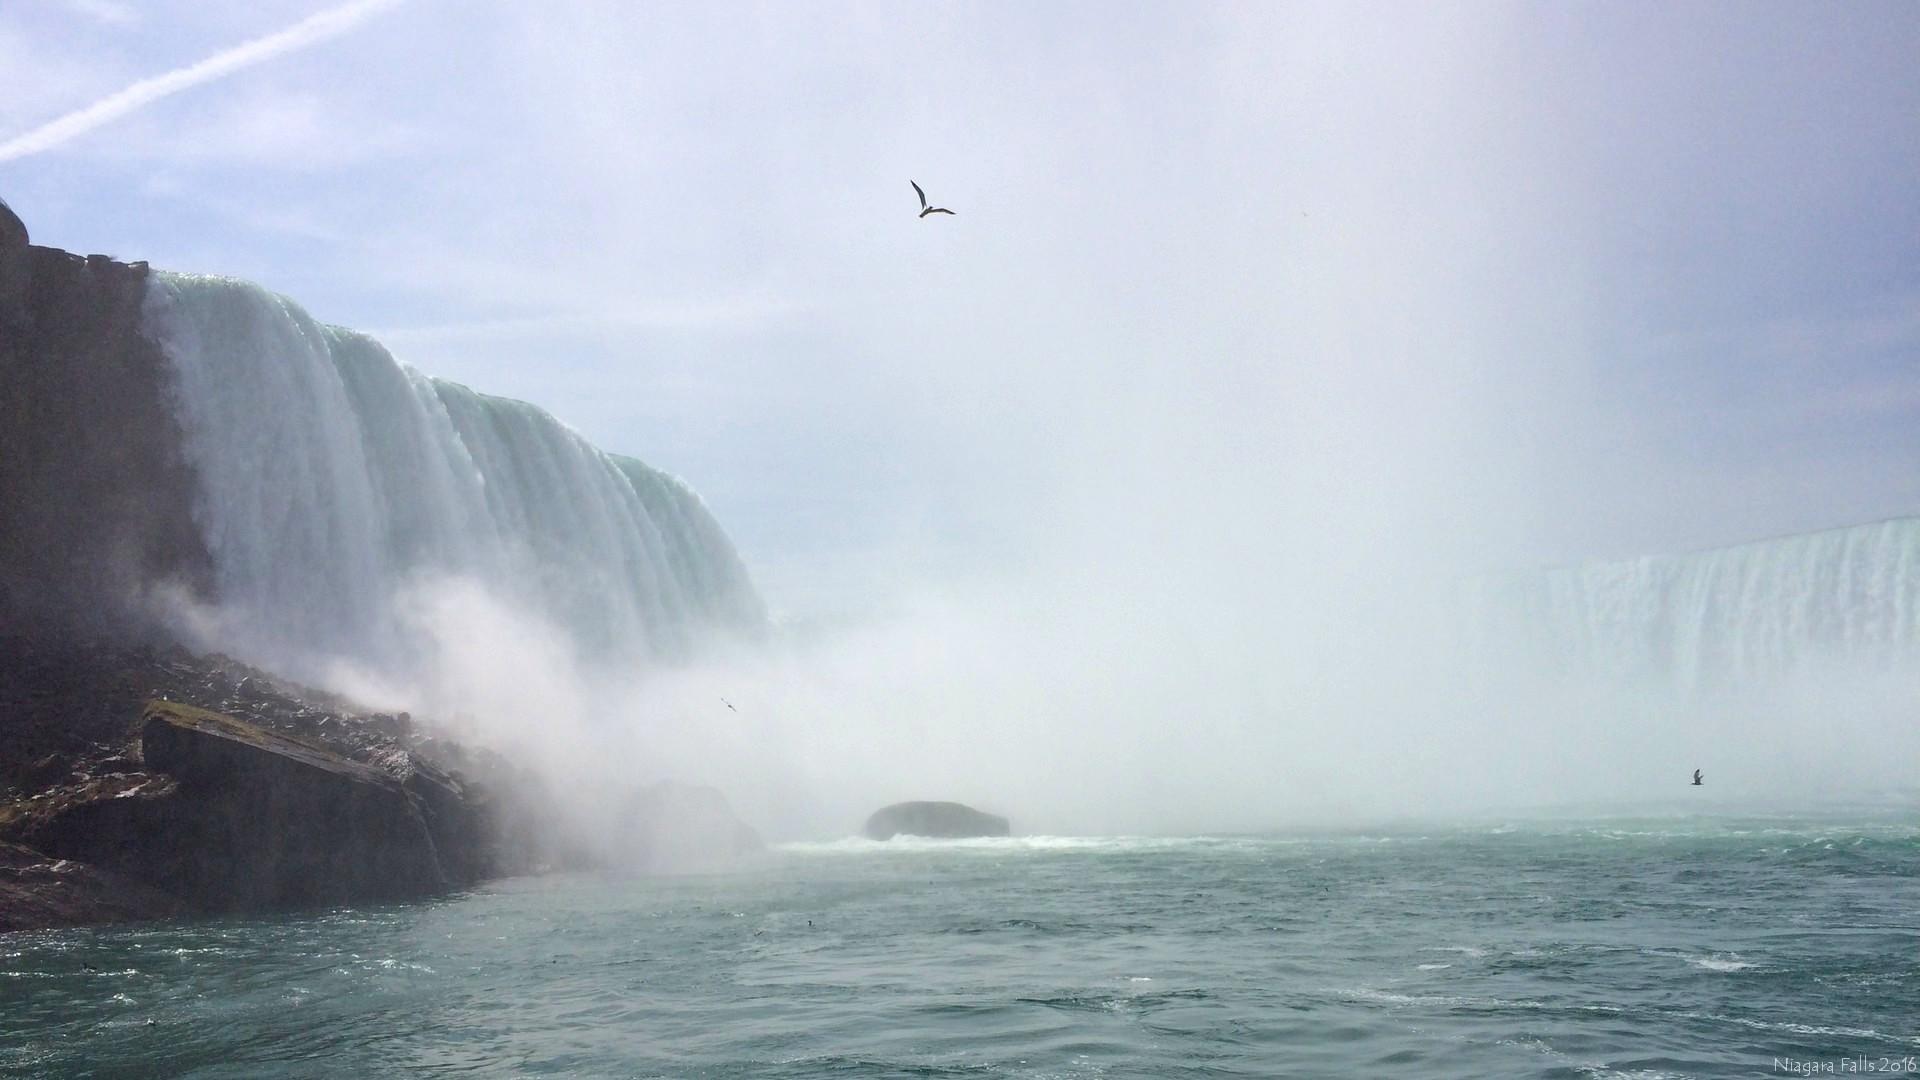 Niagara Falls, NY, USA